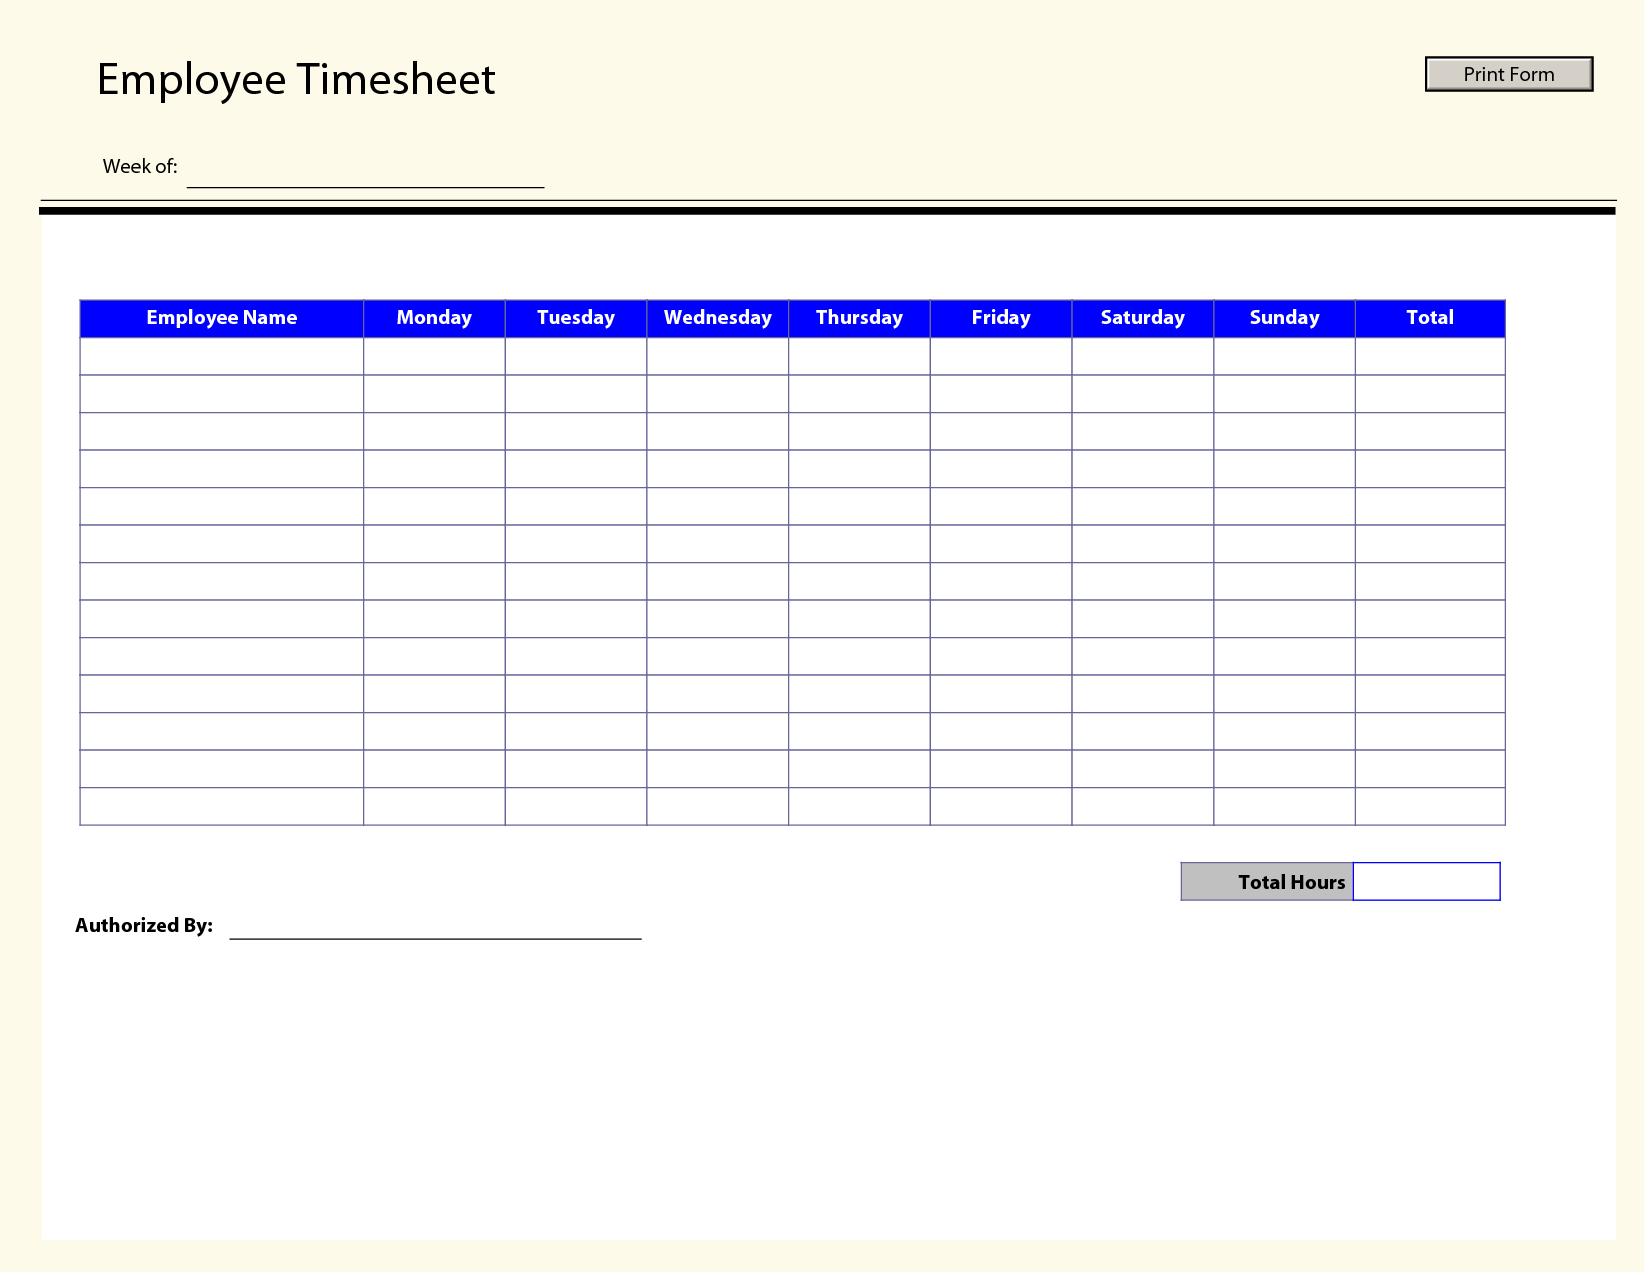 Printable Time Sheets | Free Printable Employee Timesheets Employee - Free Printable Time Sheets